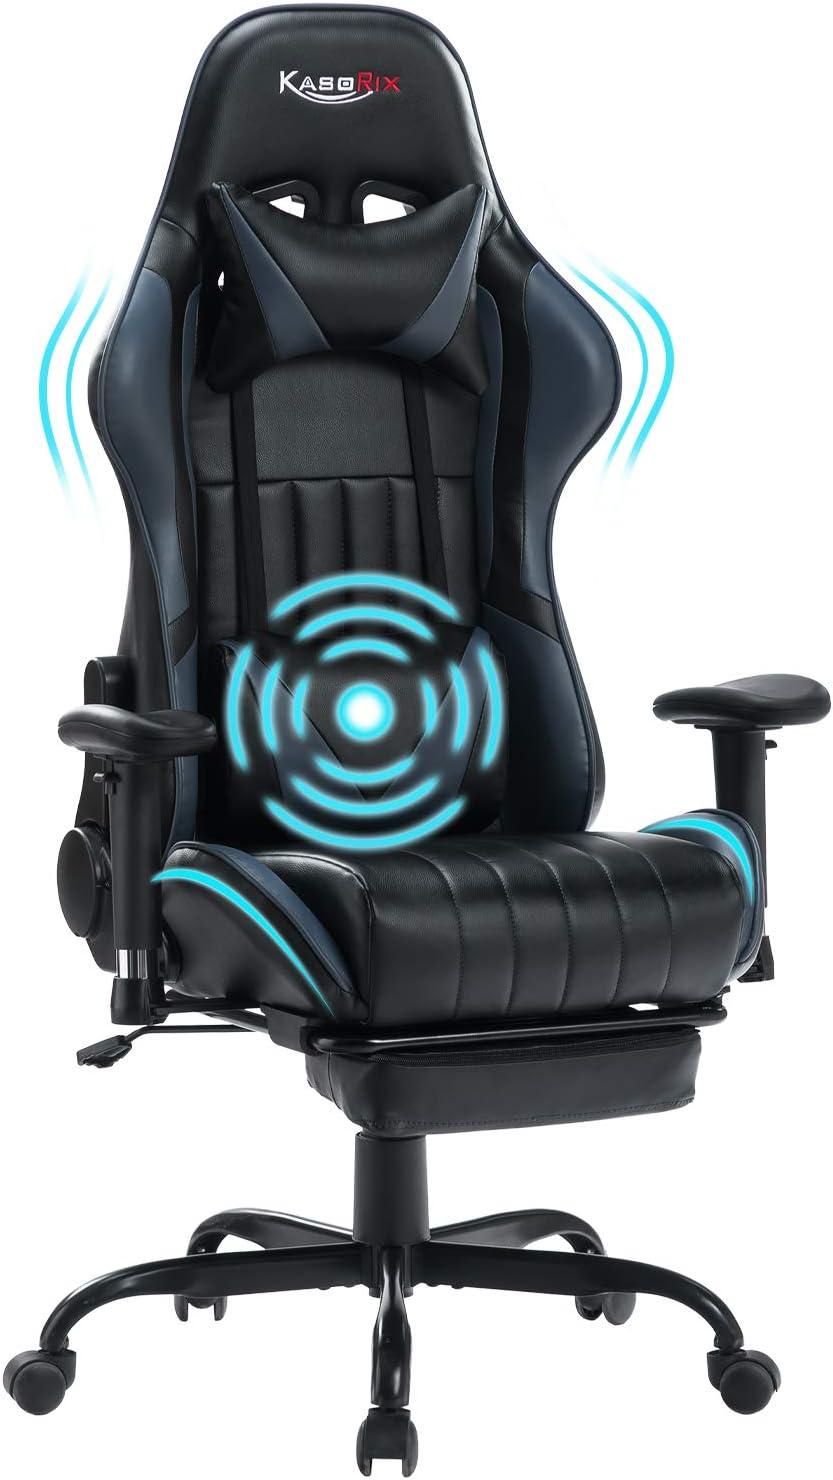 Kasorix Chaise Gaming Ergonomique,Hauteur r/églable Chaise Gamer avec Repose-Pieds et Massage Oreiller Lombaire pour Les Convient pour Les Jeux et Le Bureau Bleu-8509